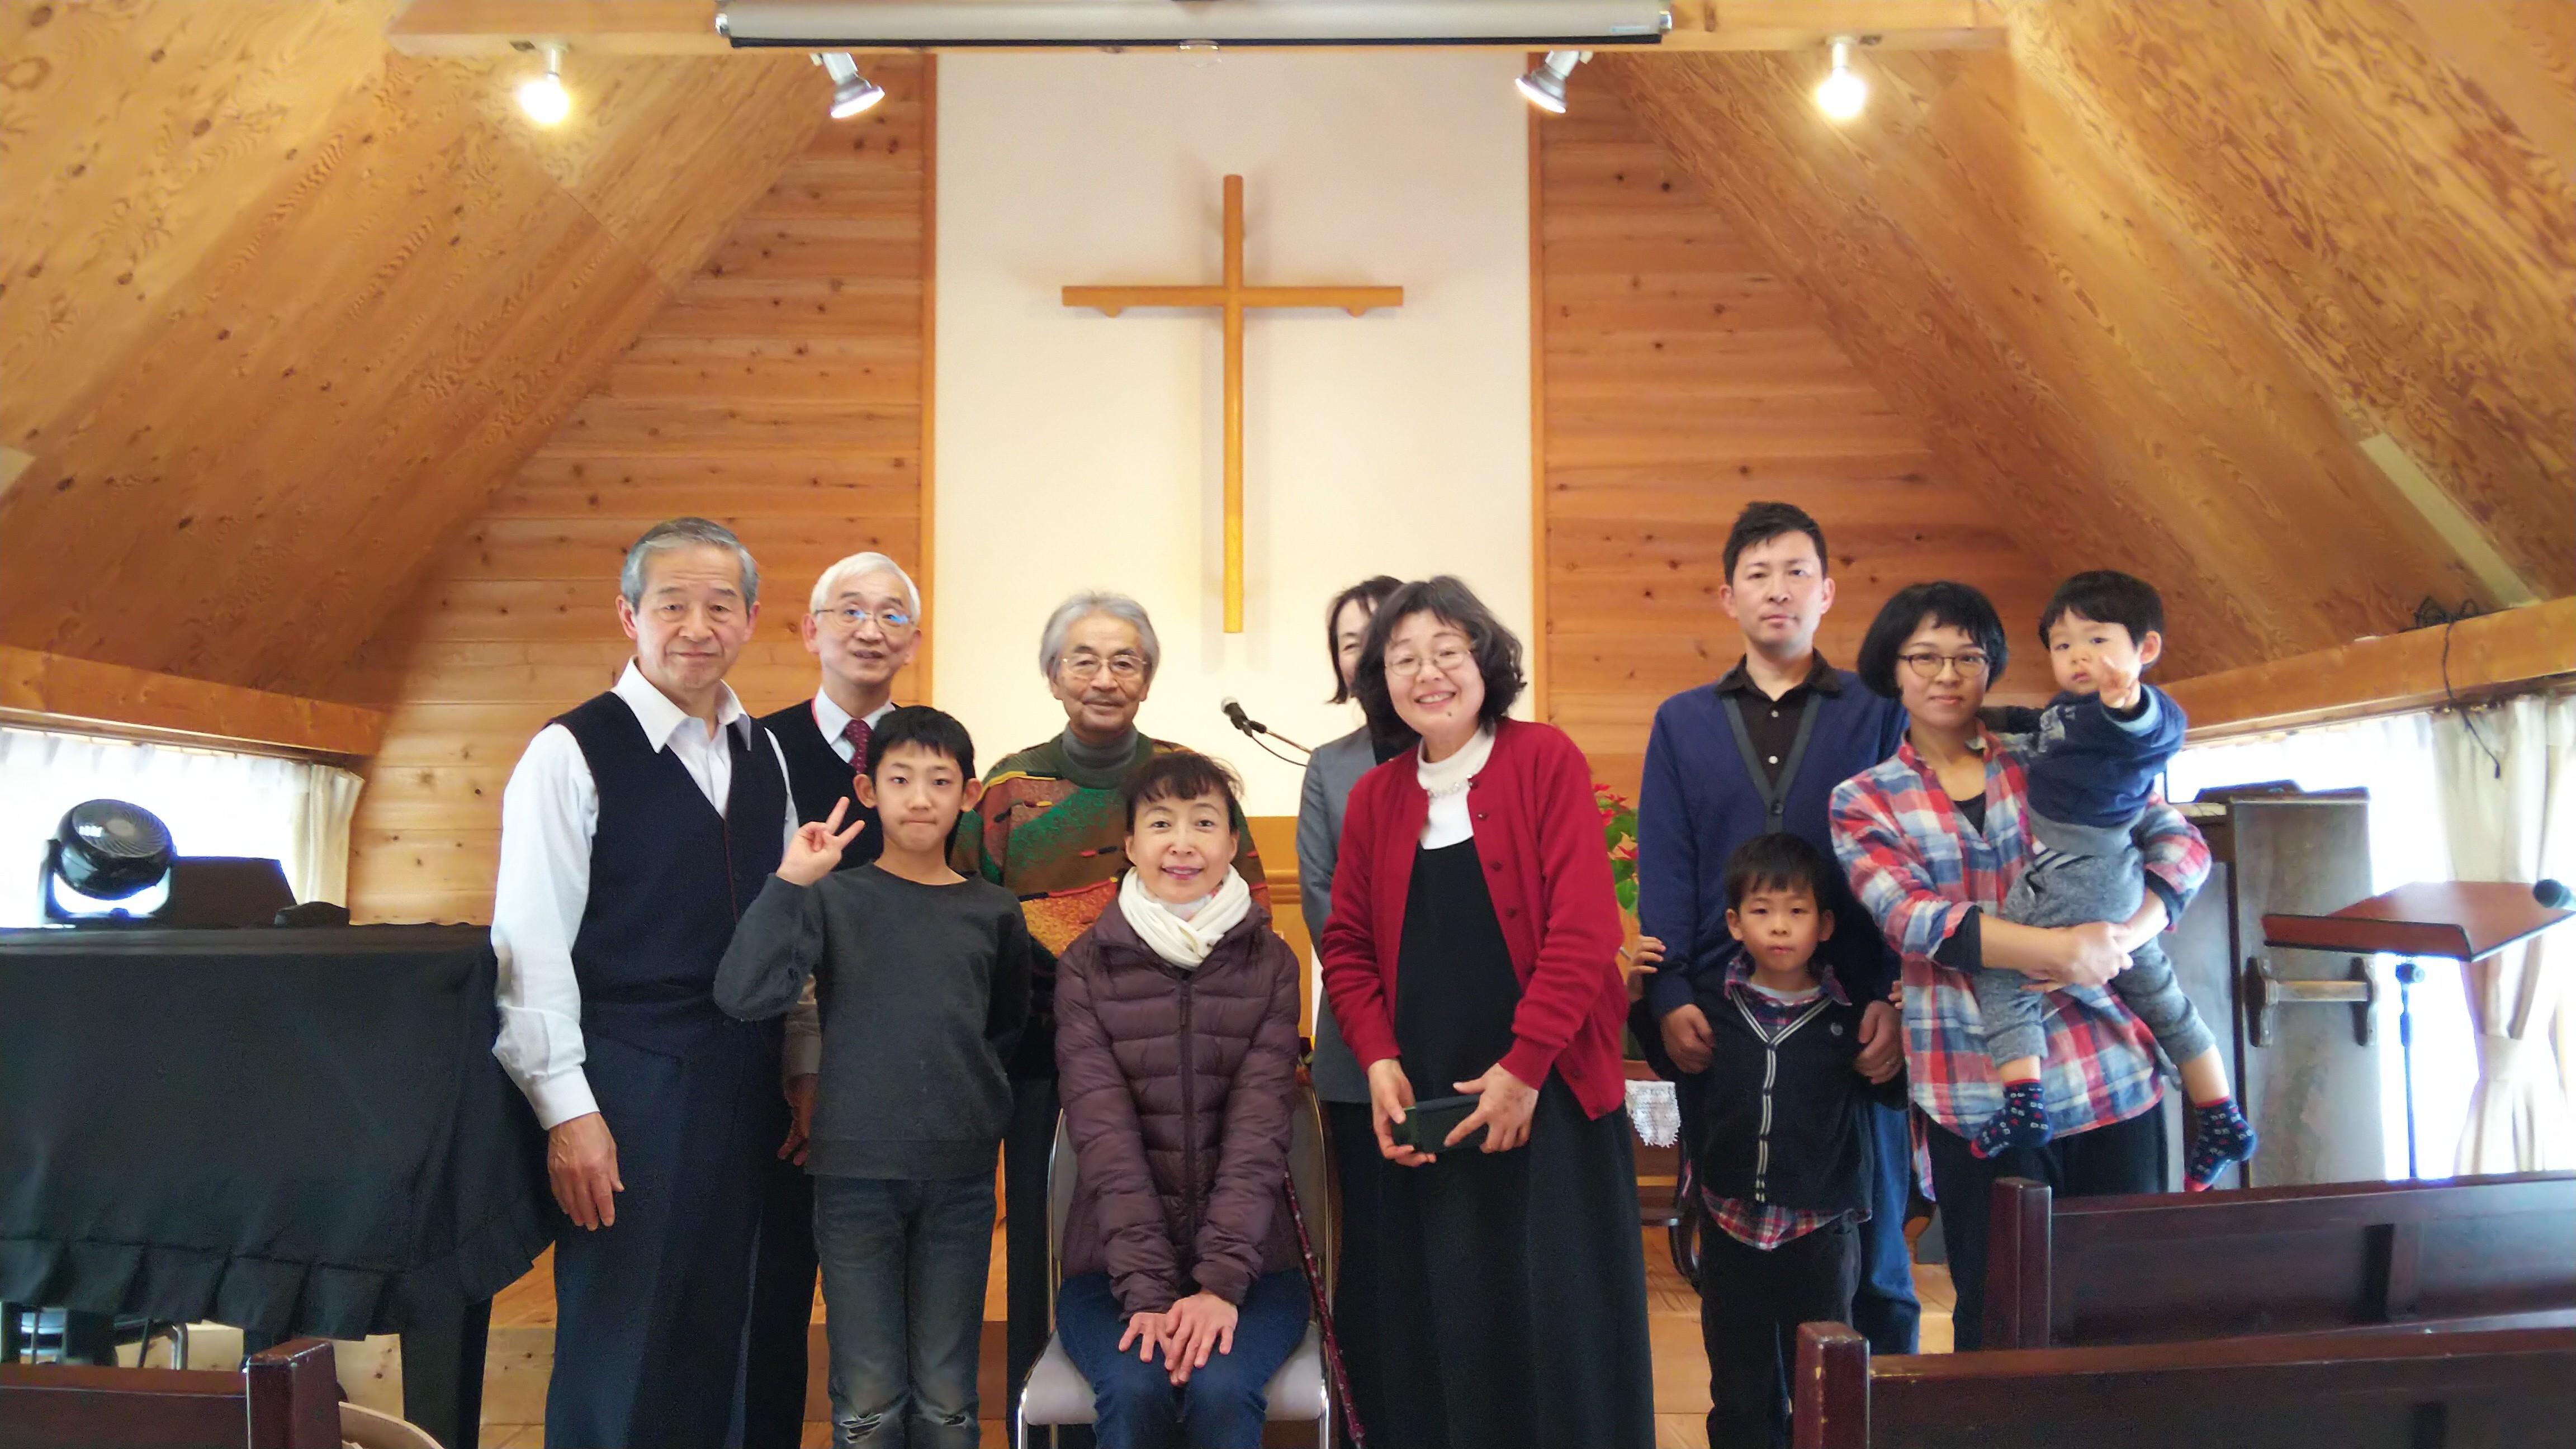 函館中央教会にて、「起き上がり小法師」朗読させて頂き、クラウドファンディングの告知をさせて頂きました。